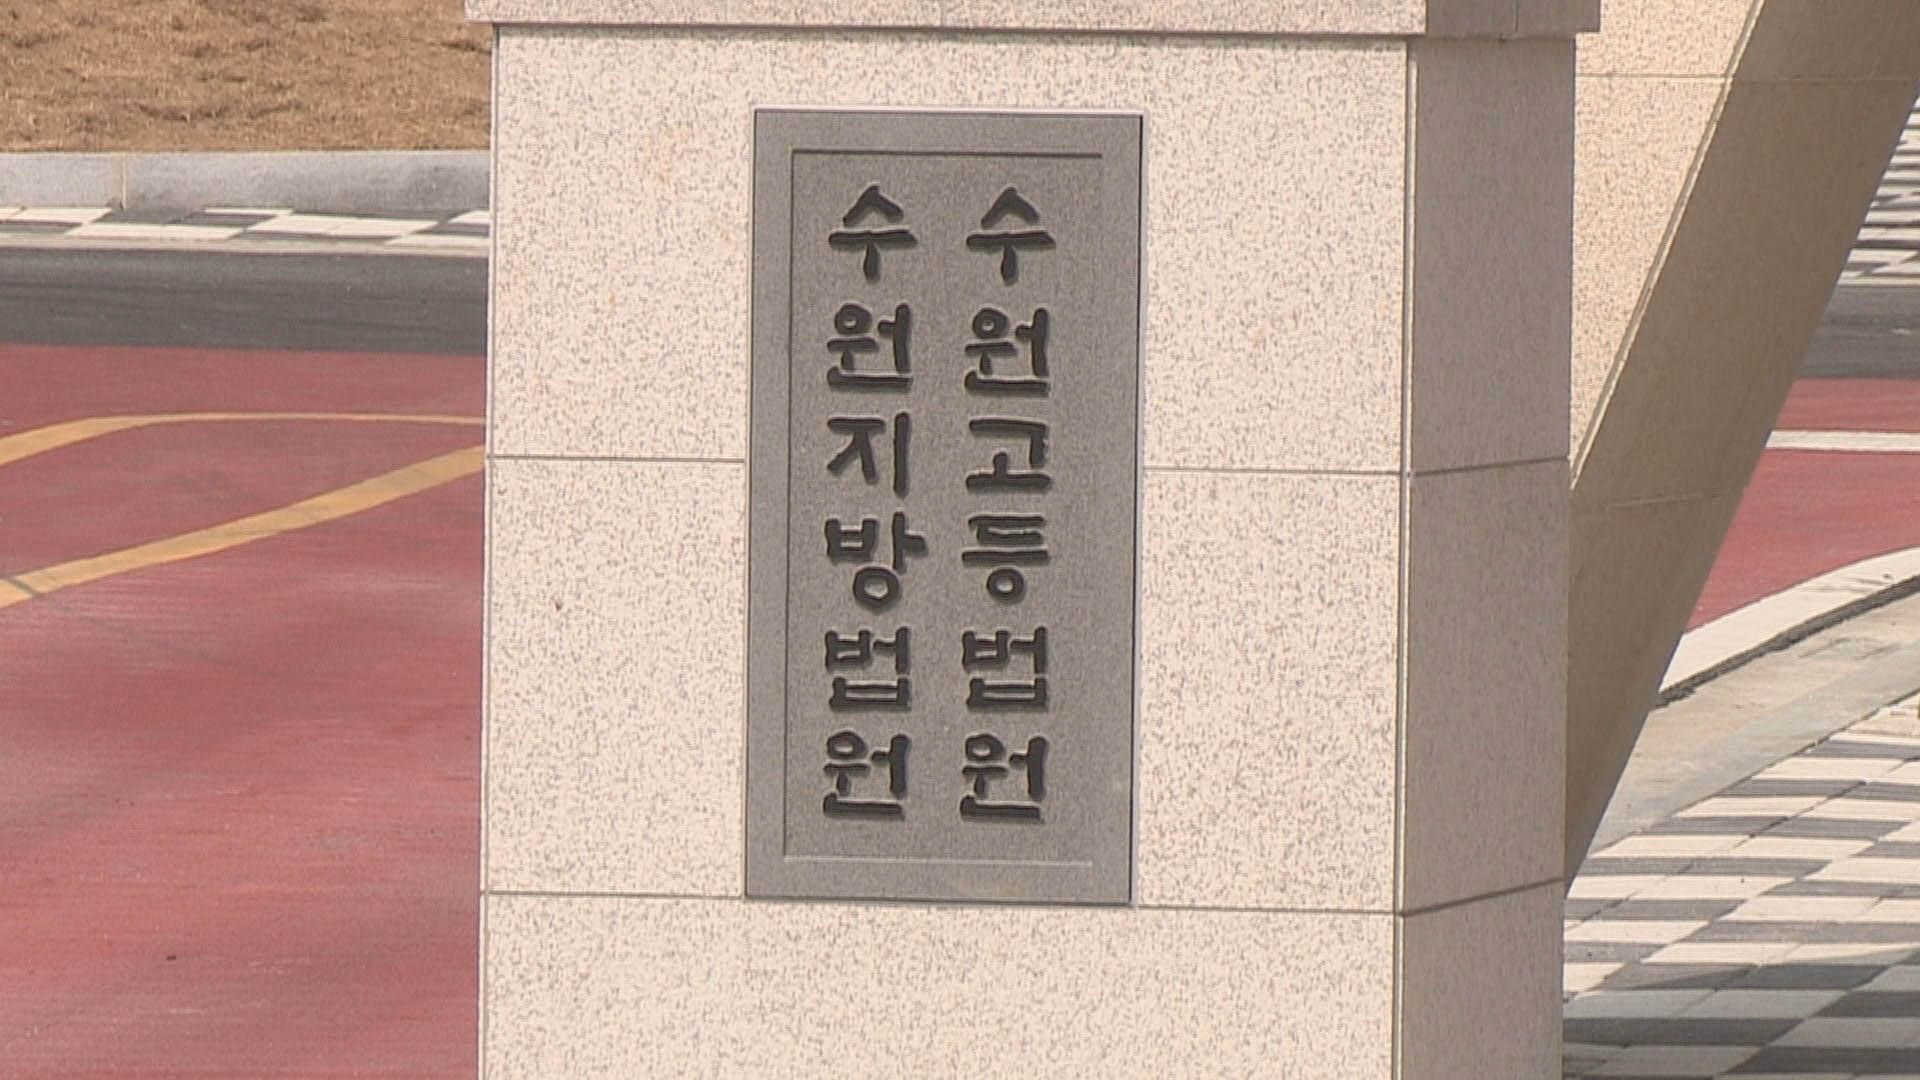 취업미끼 금품 수수 용인시 전 산하기관장 징역 5년